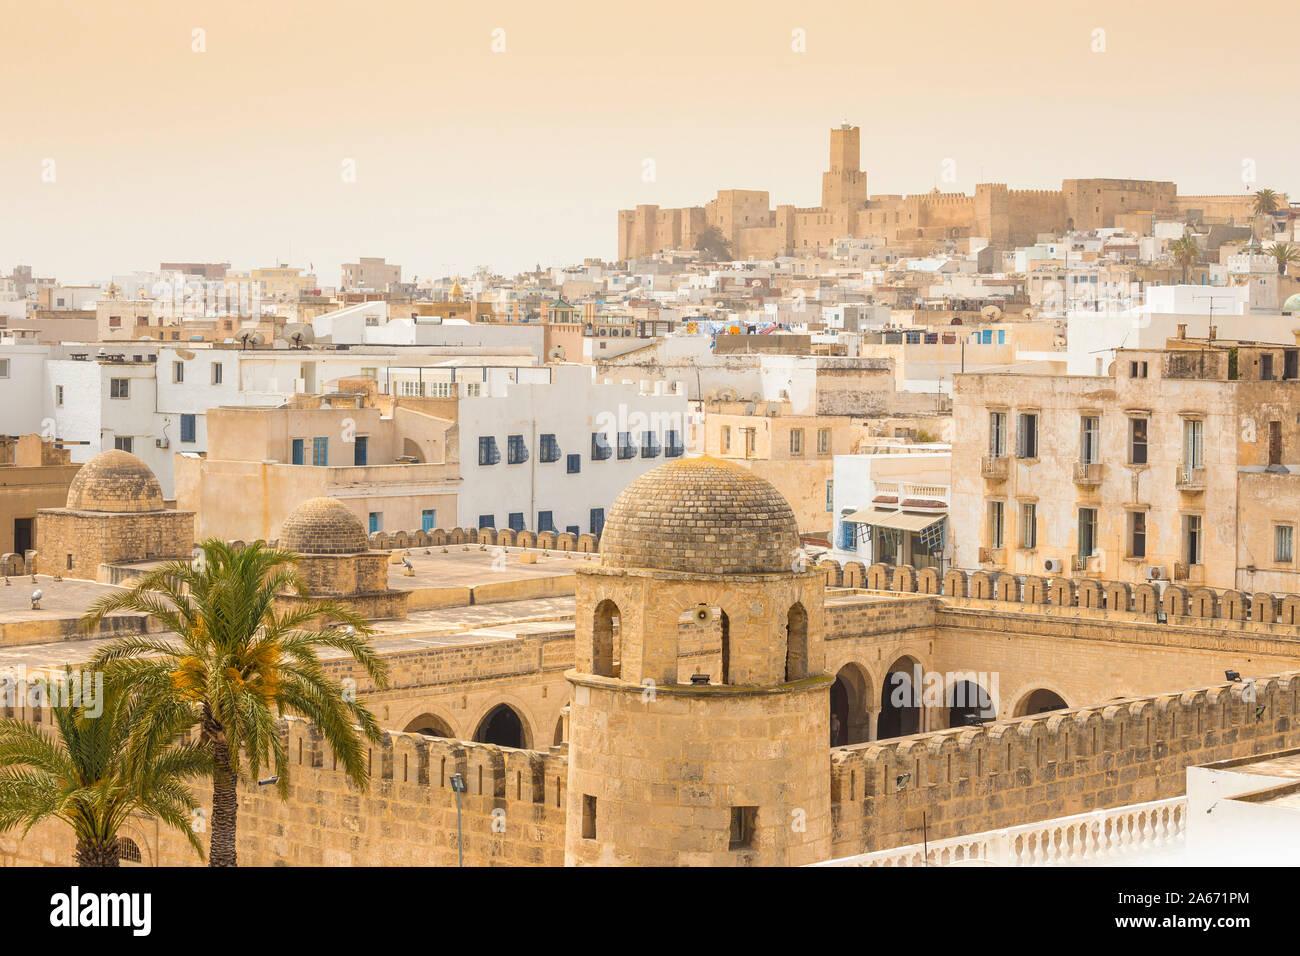 Túnez, Sousse, en vista de la Gran Mezquita en madina hacia el museo arqueológico Foto de stock